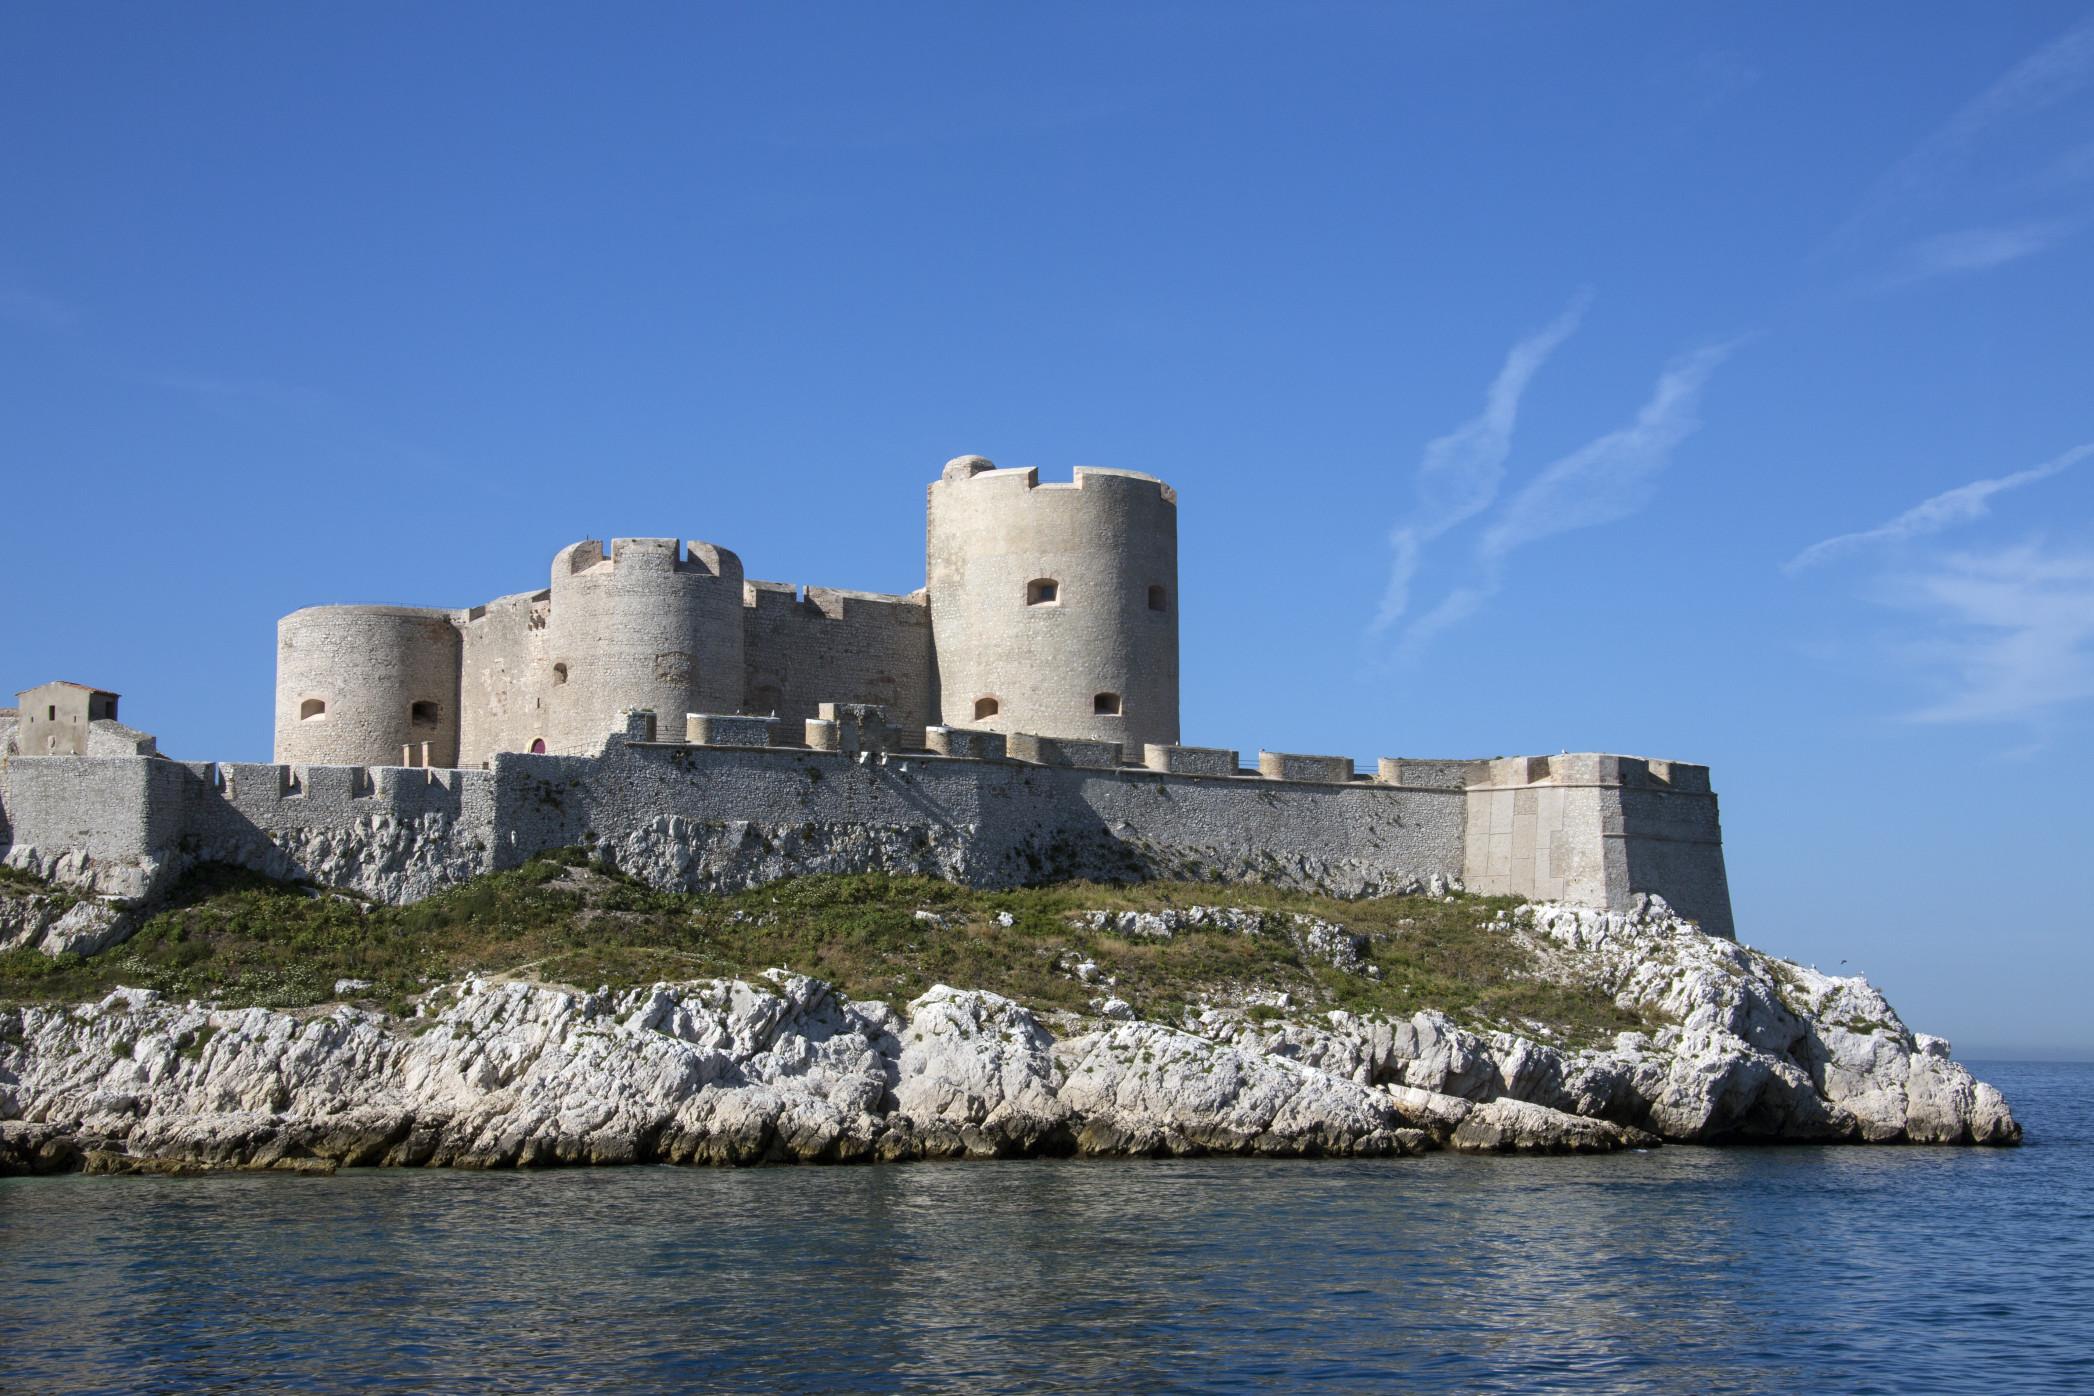 chateau-dif-castle-marseille